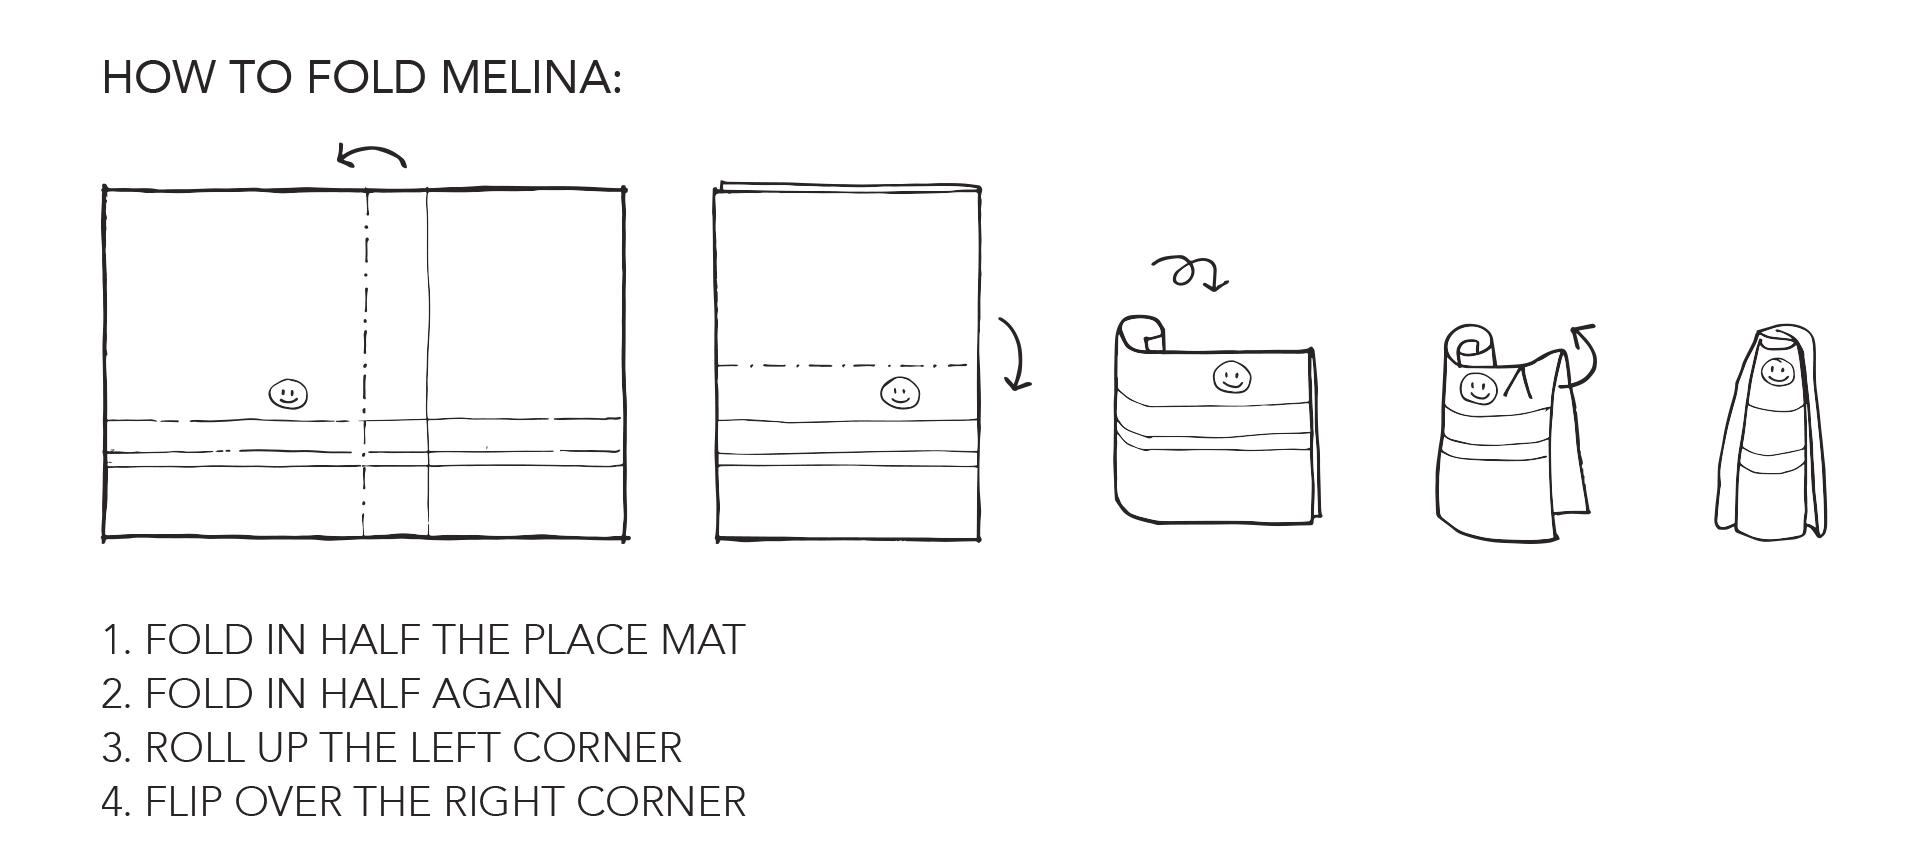 13web-Melina-by-Valia-Barriello-instructions